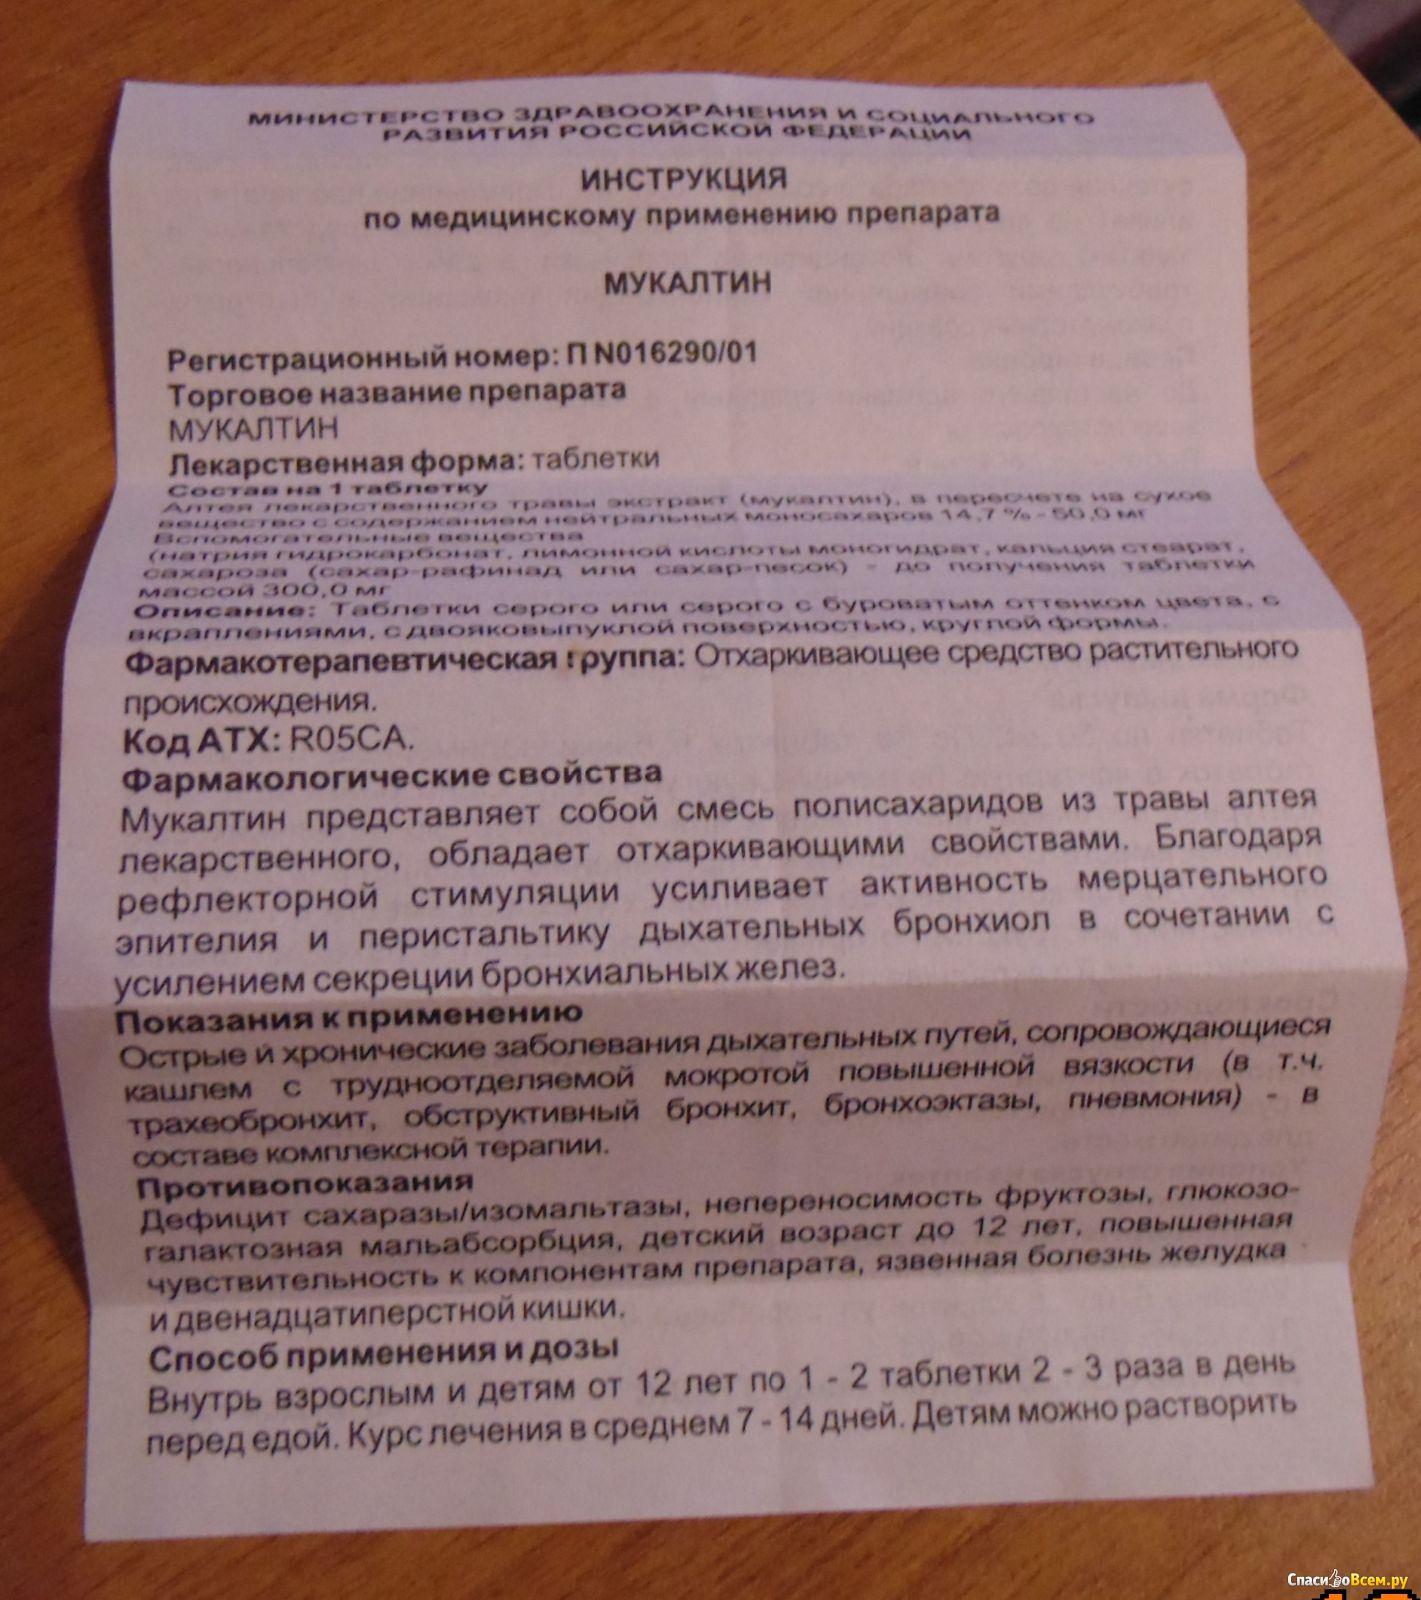 Мукалтин: инструкция по применению детям, правила дозировки и противопоказания